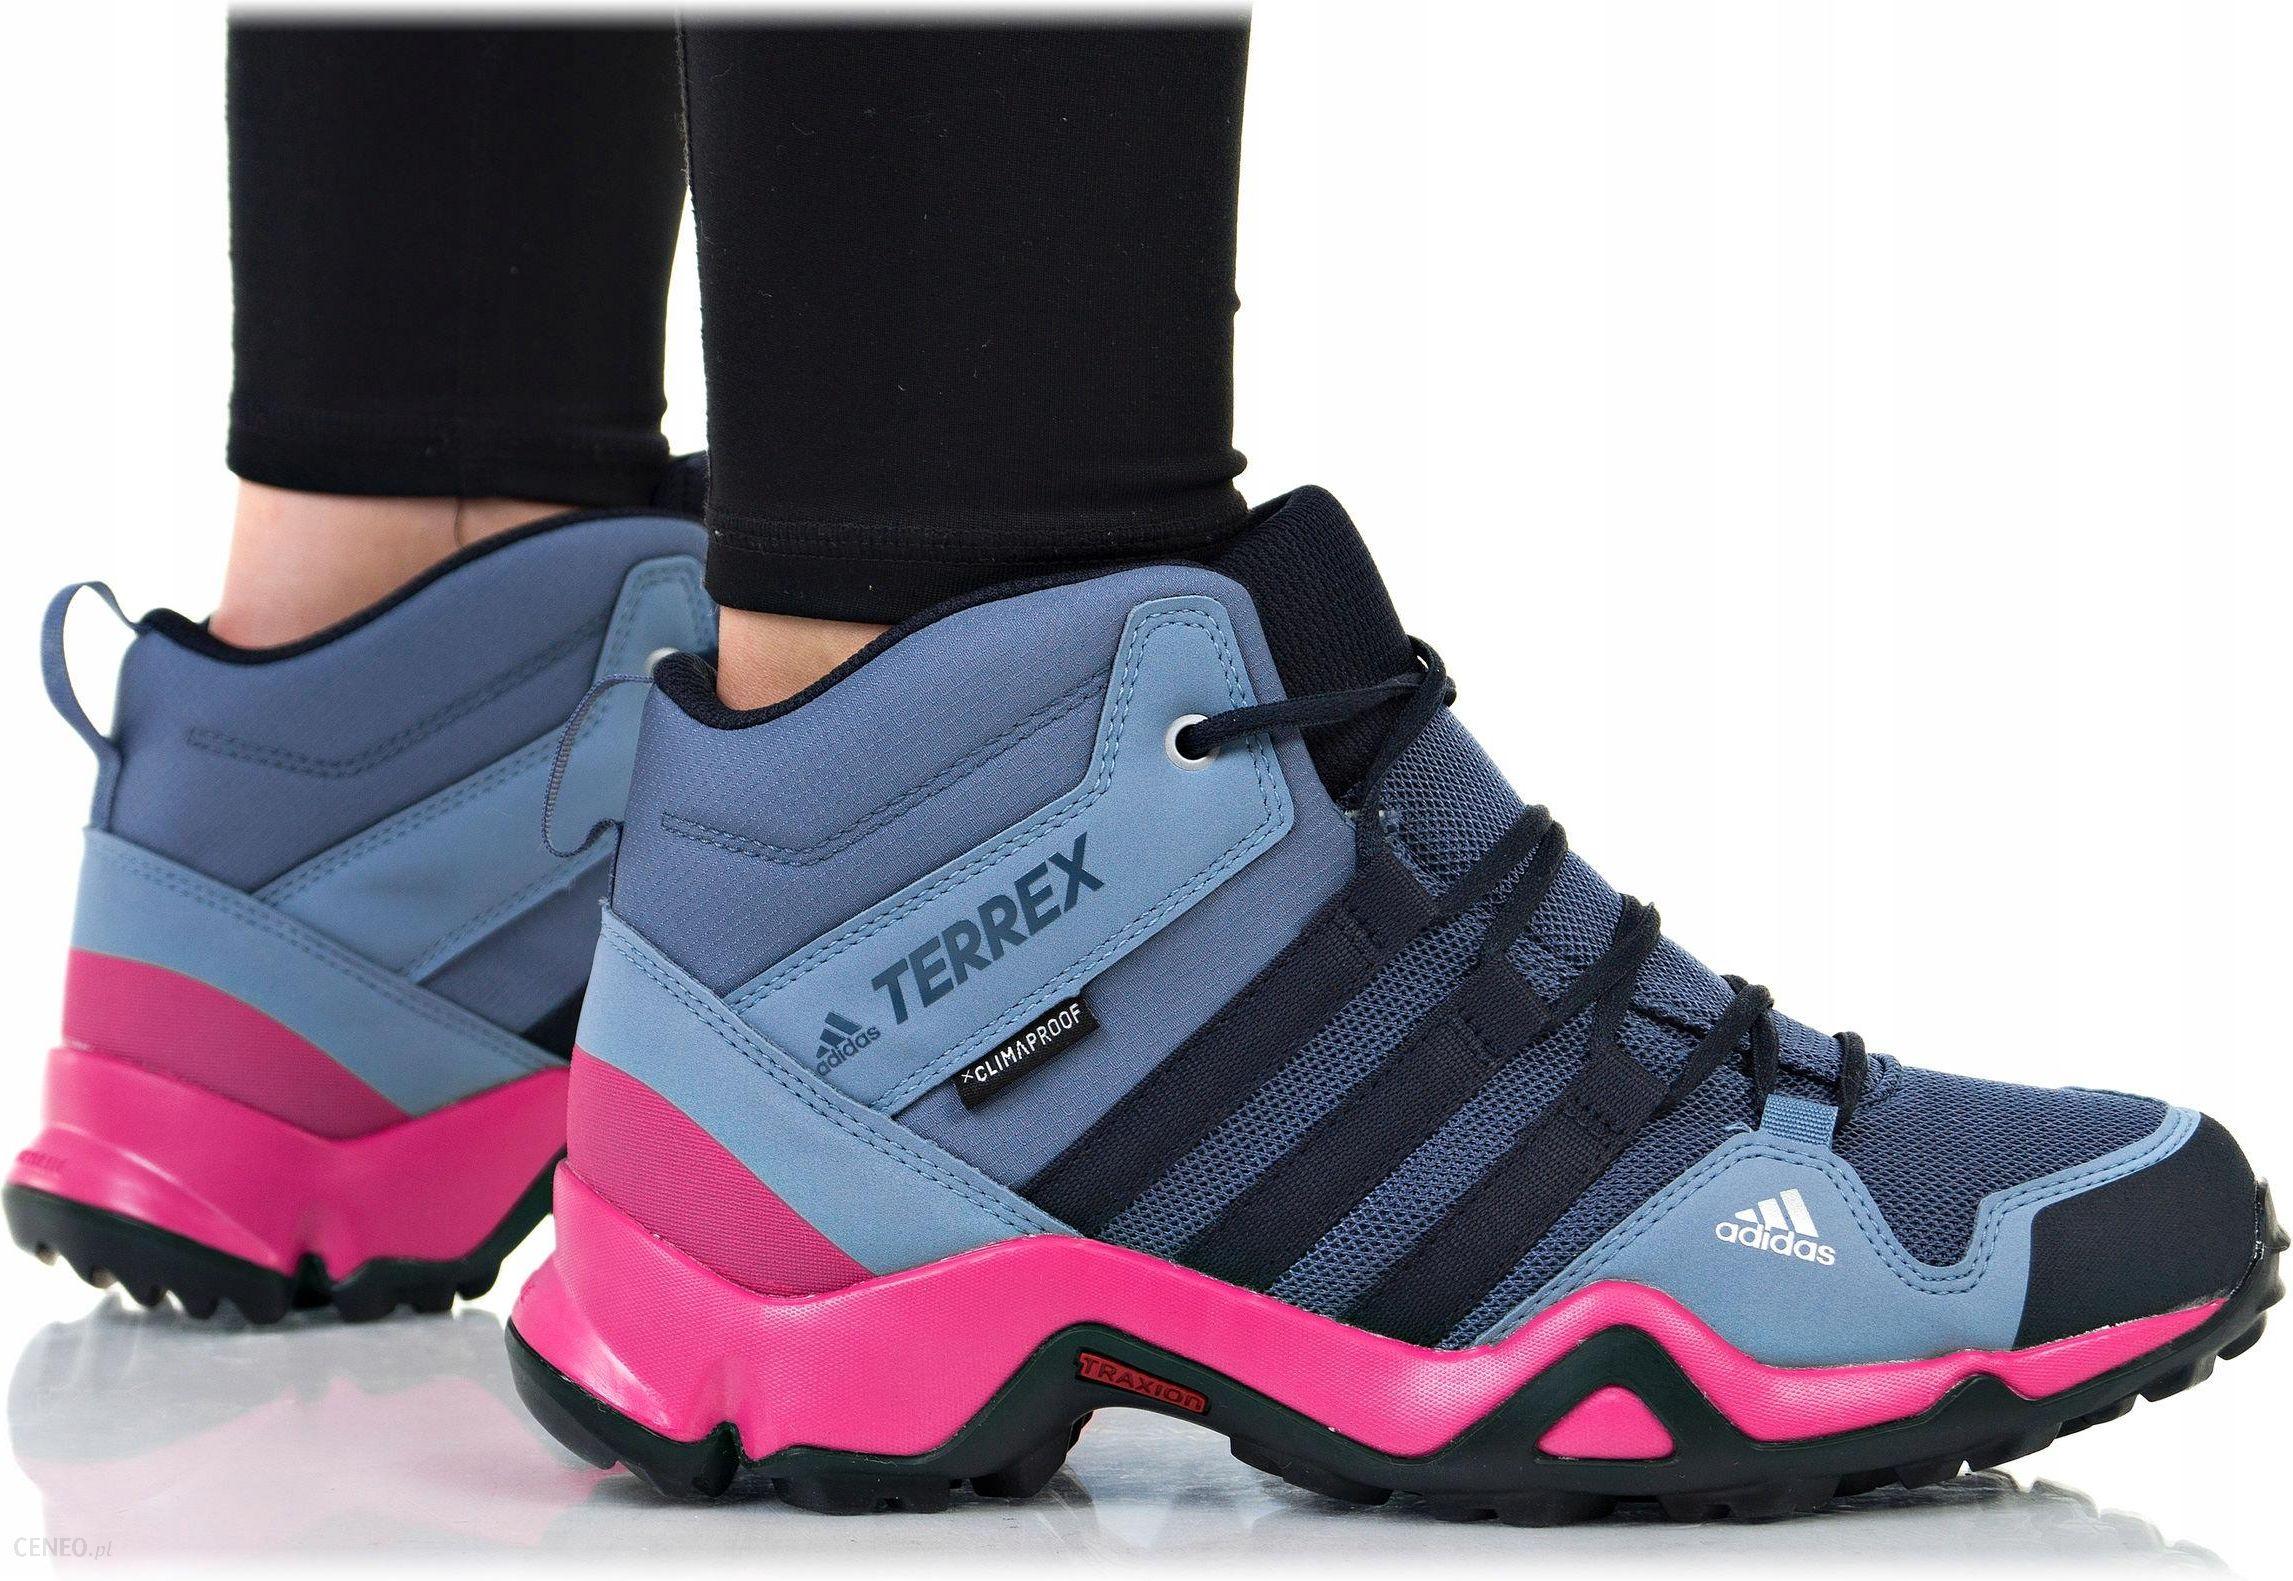 Buty Adidas Damskie Terrex AX2R MID Cp K AC7976 Ceny i opinie Ceneo.pl